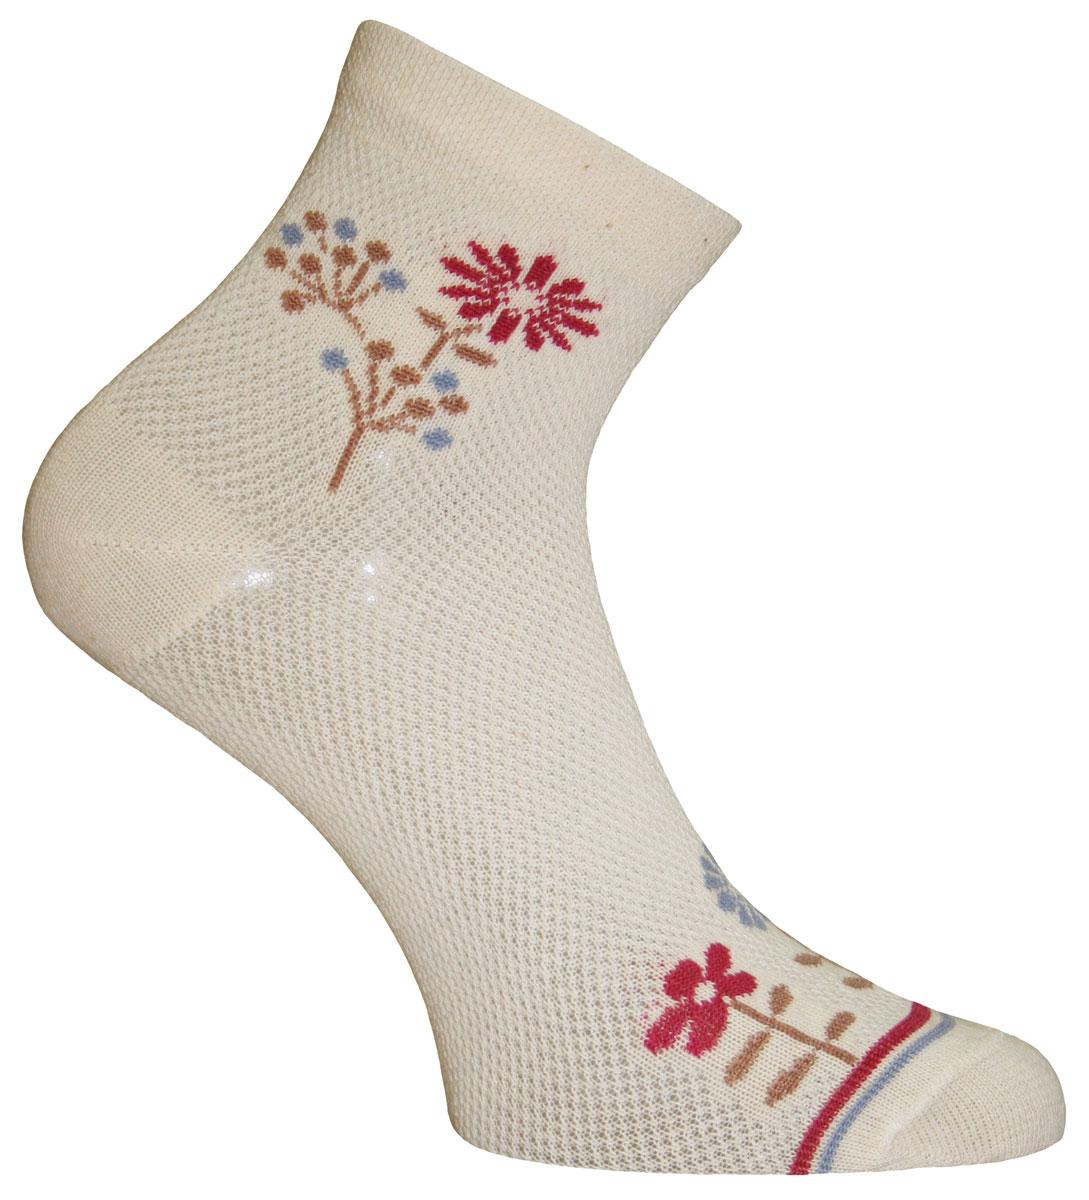 Носки55011Удобные носки Master Socks, изготовленные из высококачественного комбинированного материала, очень мягкие и приятные на ощупь, позволяют коже дышать. Эластичная резинка плотно облегает ногу, не сдавливая ее, обеспечивая комфорт и удобство. Носки с паголенком классической длины оформлены оригинальным принтом в нижней и верхней частях носка. Практичные и комфортные носки великолепно подойдут к любой вашей обуви.